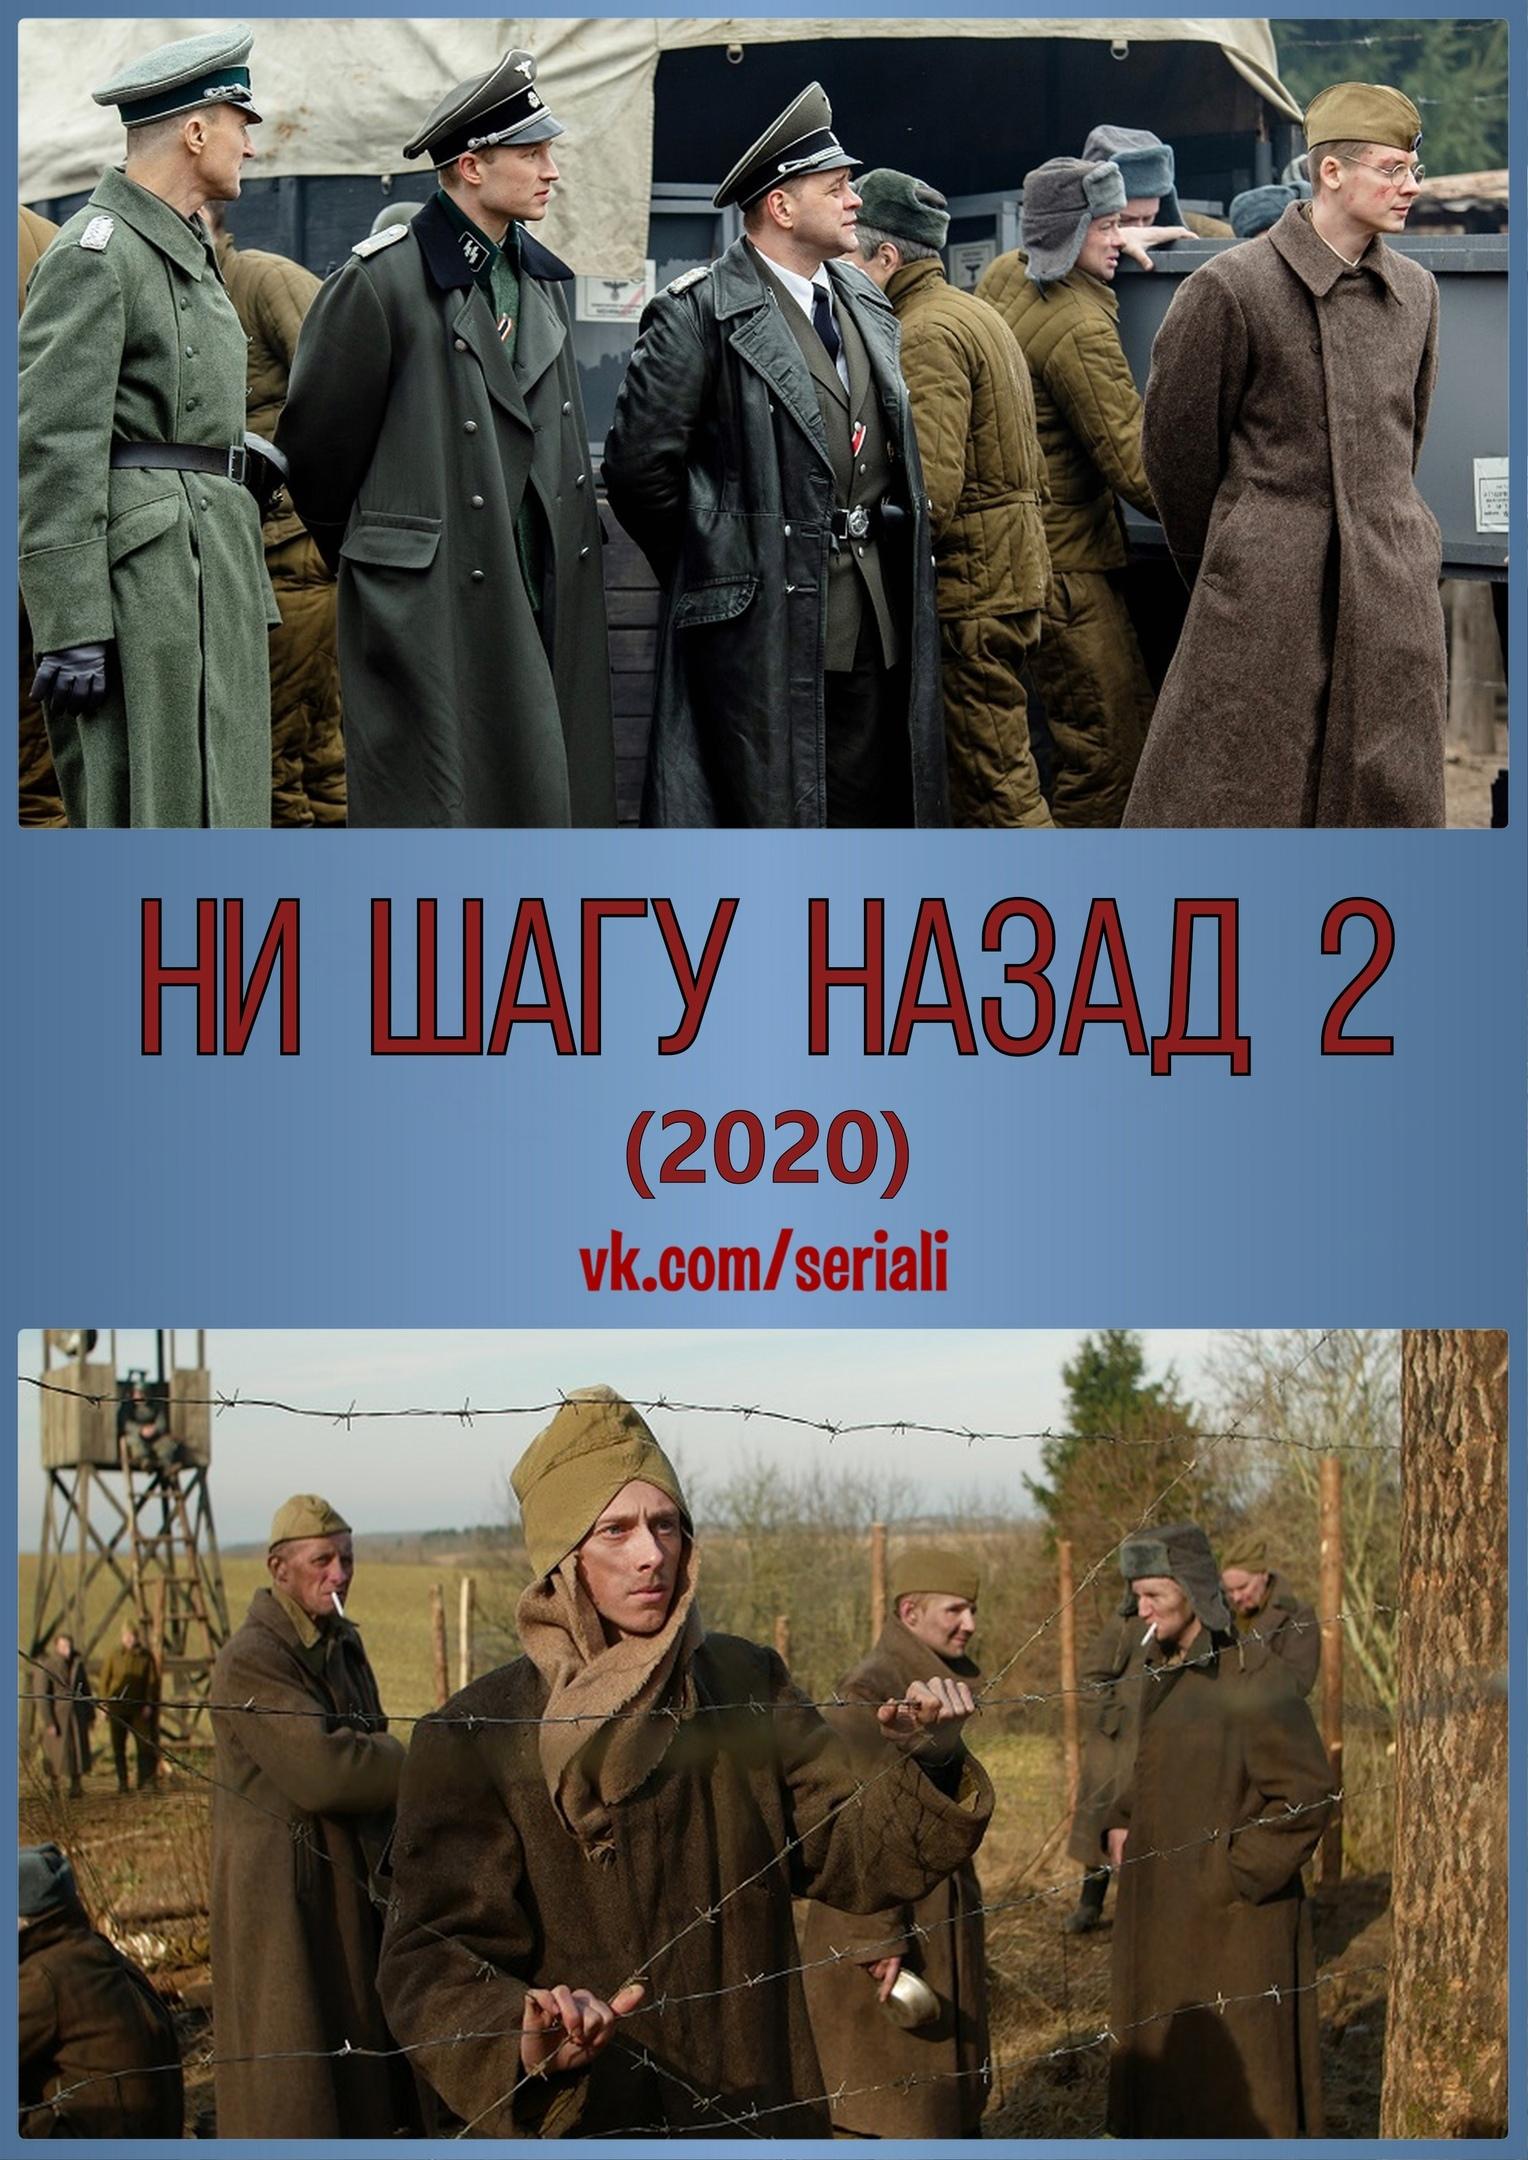 Военная драма «Hи шaгy нaзaд 2» (2020) 1-6 серия из 6 HD